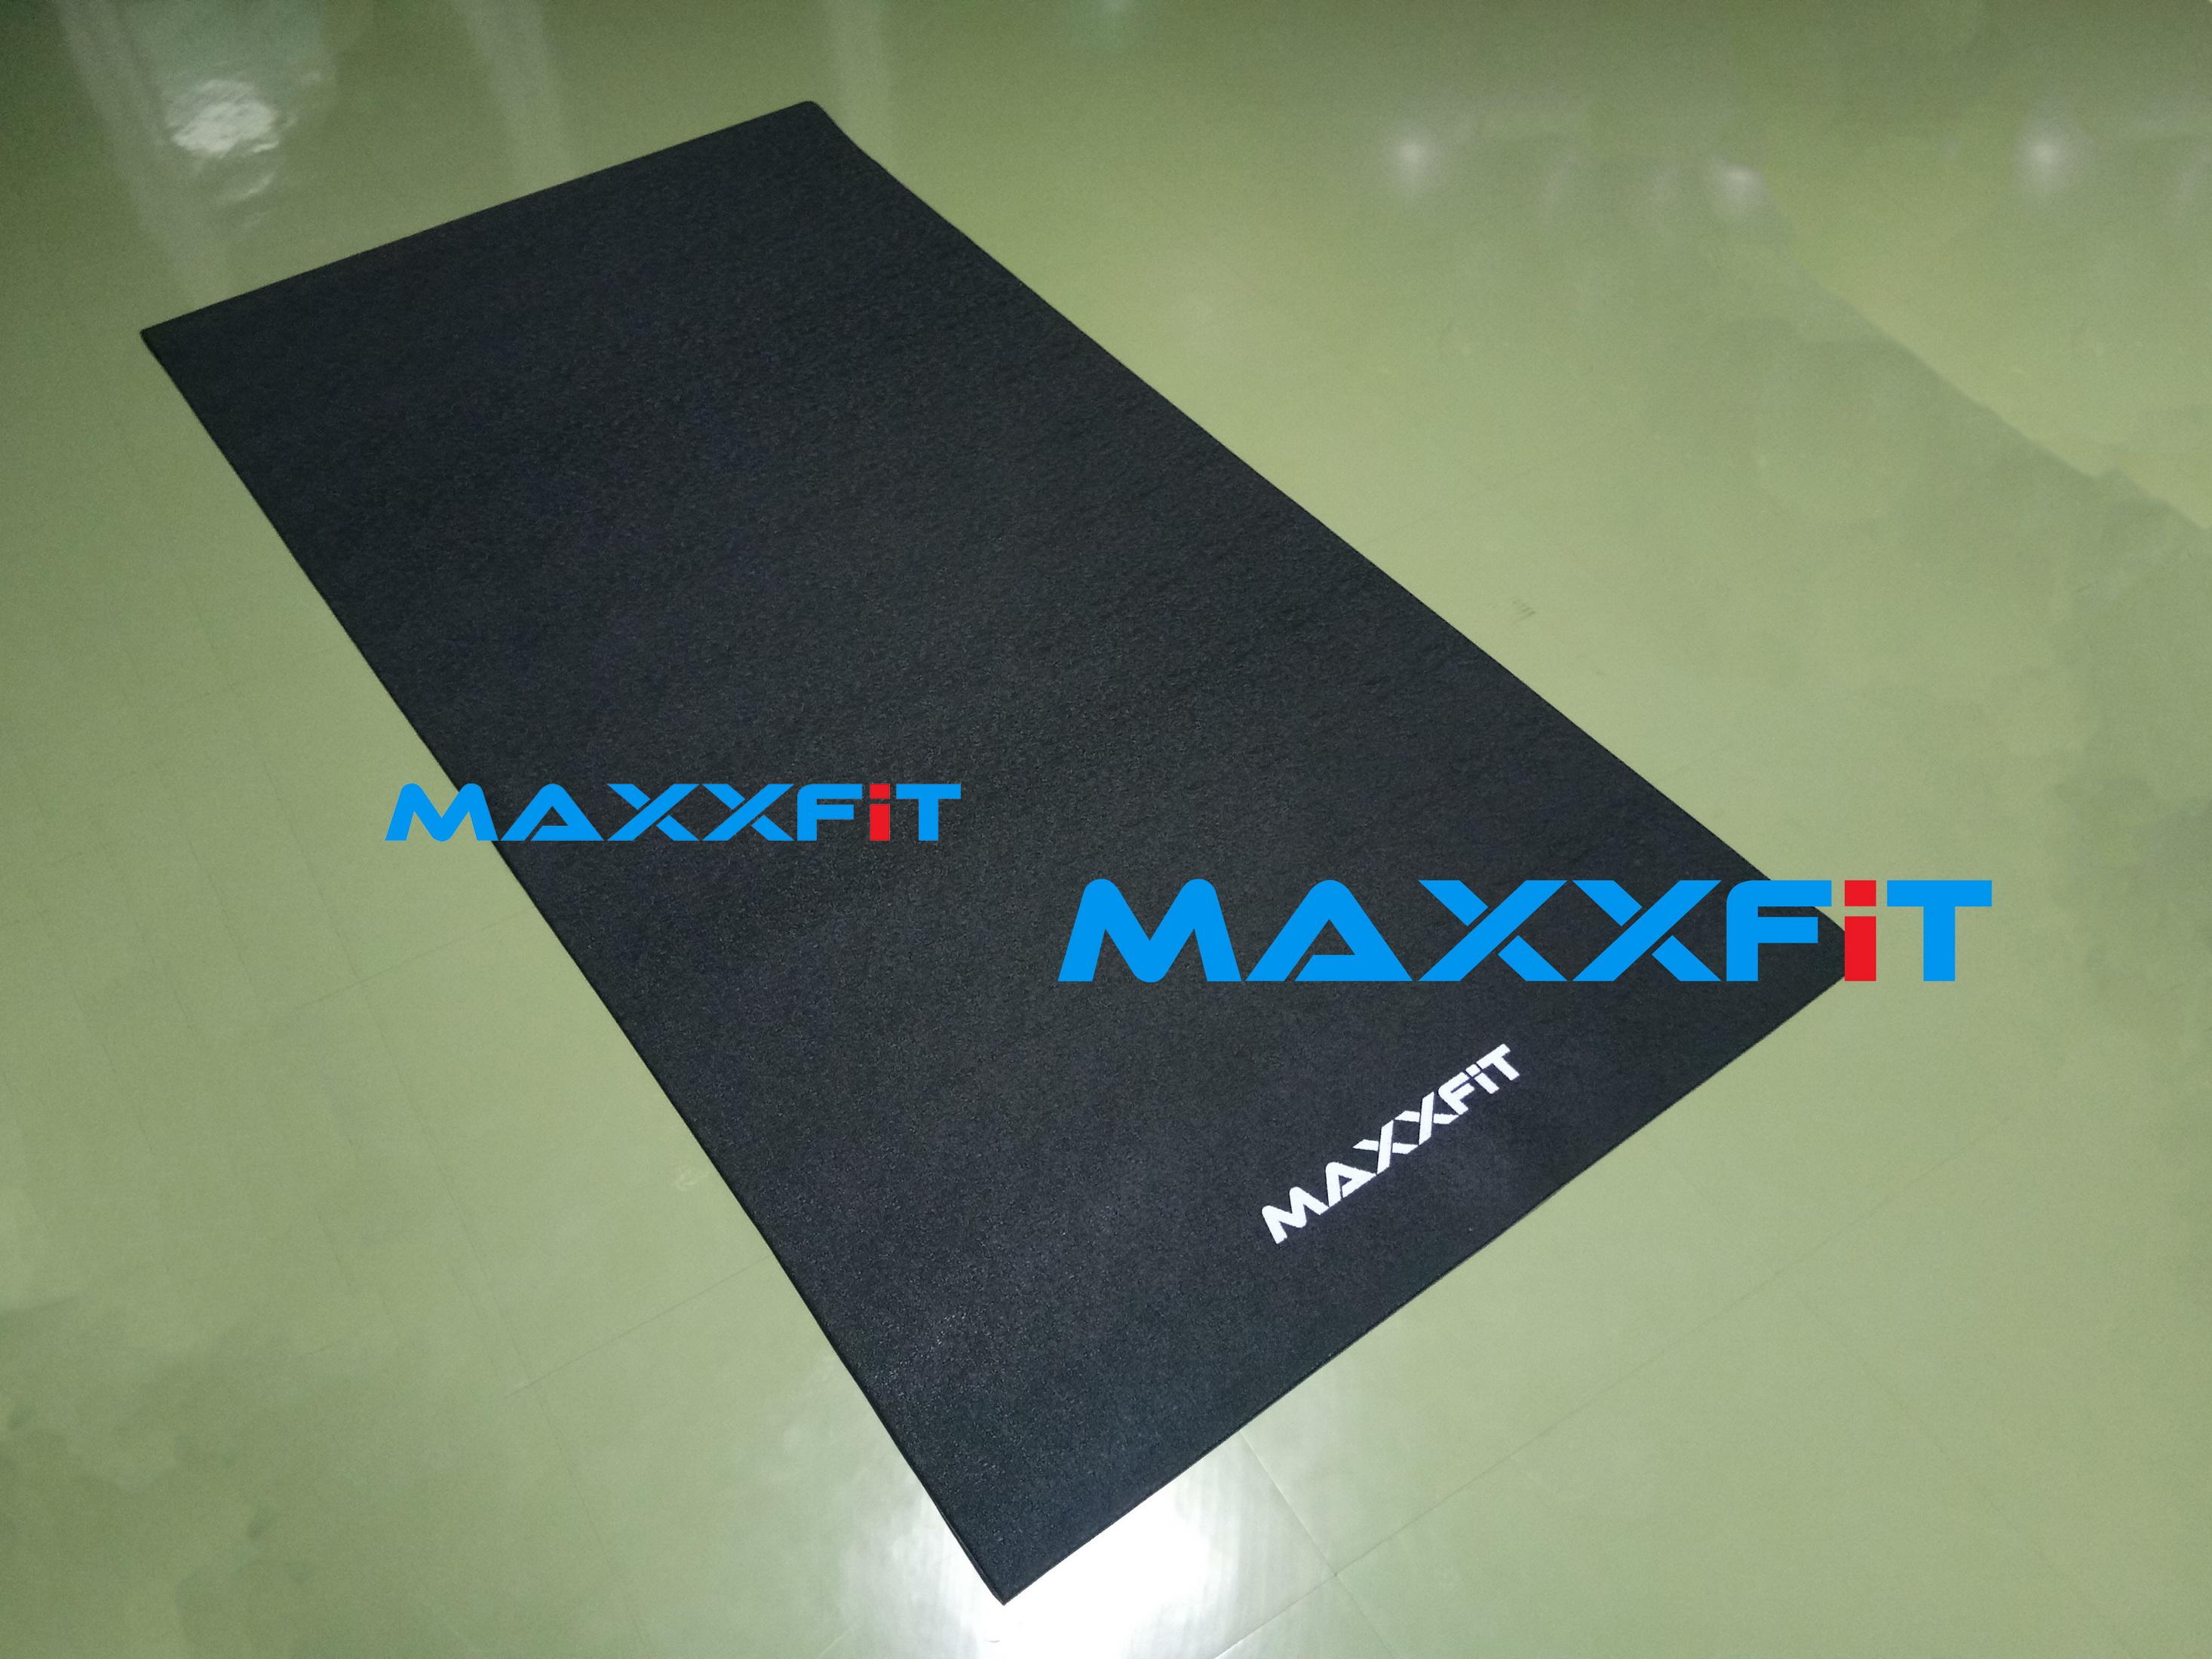 ขาย PVC Treadmill Equipment Mat MAXXFiT เสื่อรองลู่วิ่ง ยางปูพื้นกันรอยดัมเบล